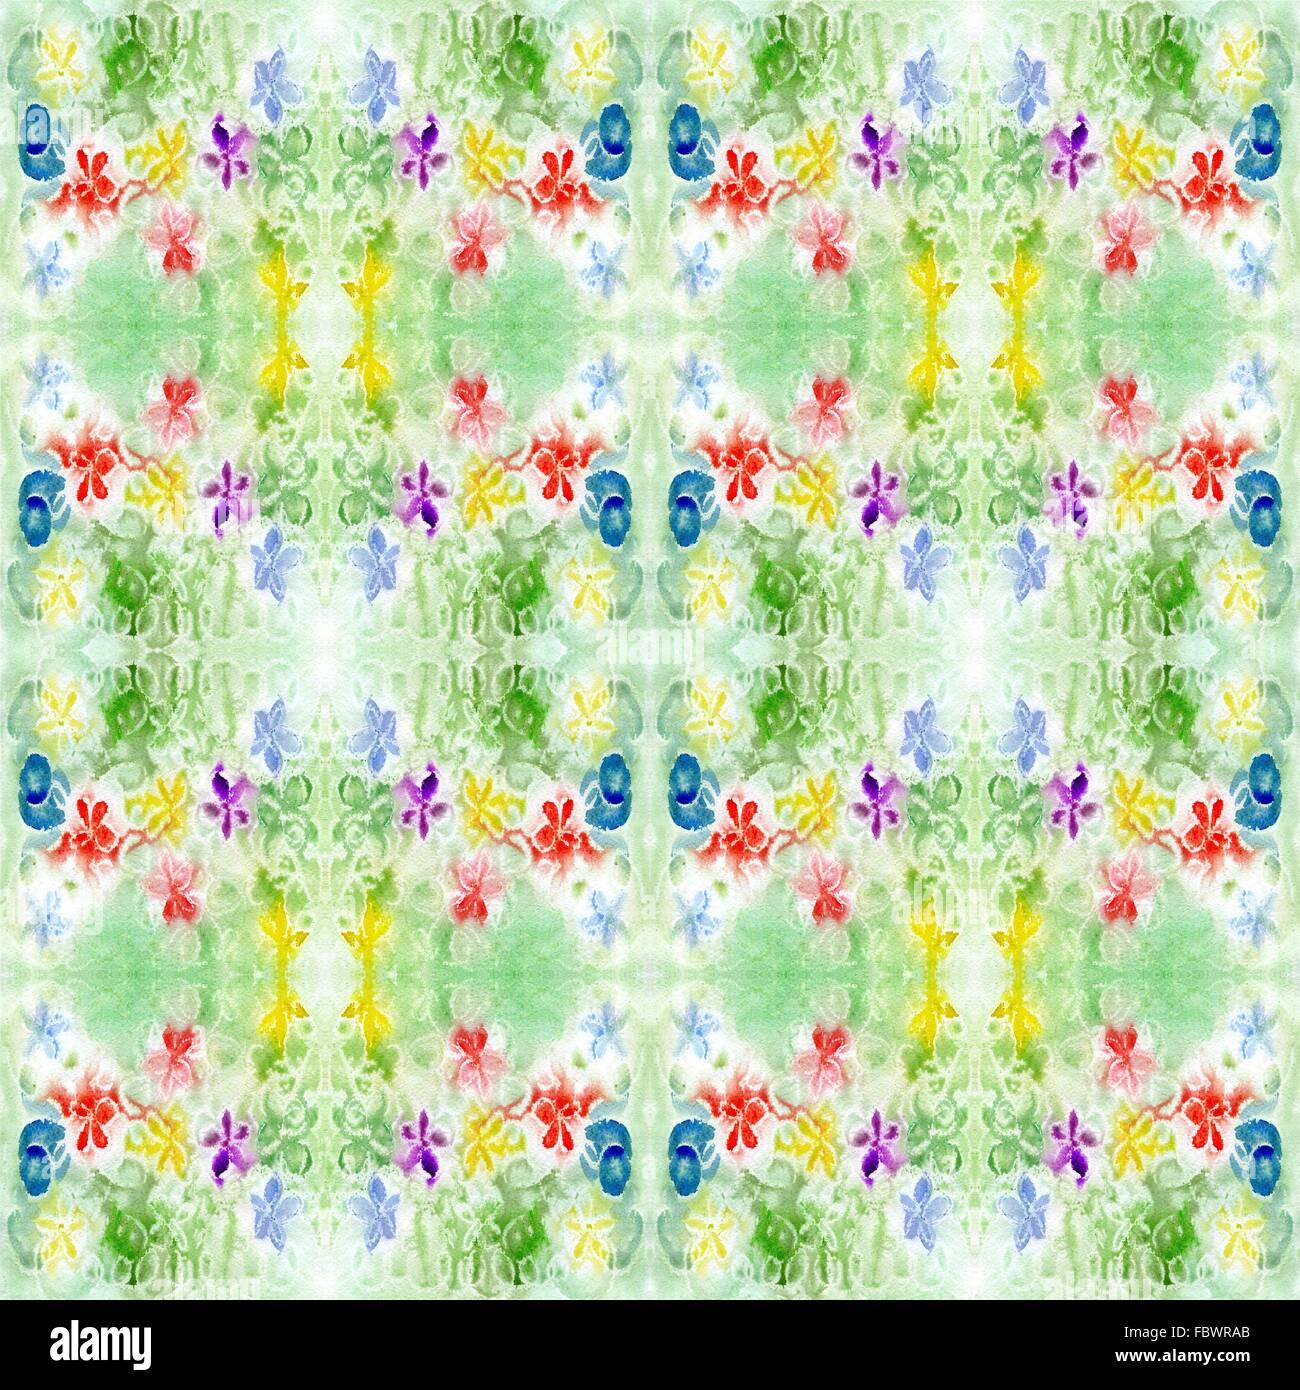 Répétition motif vert aquarelle Photo Stock